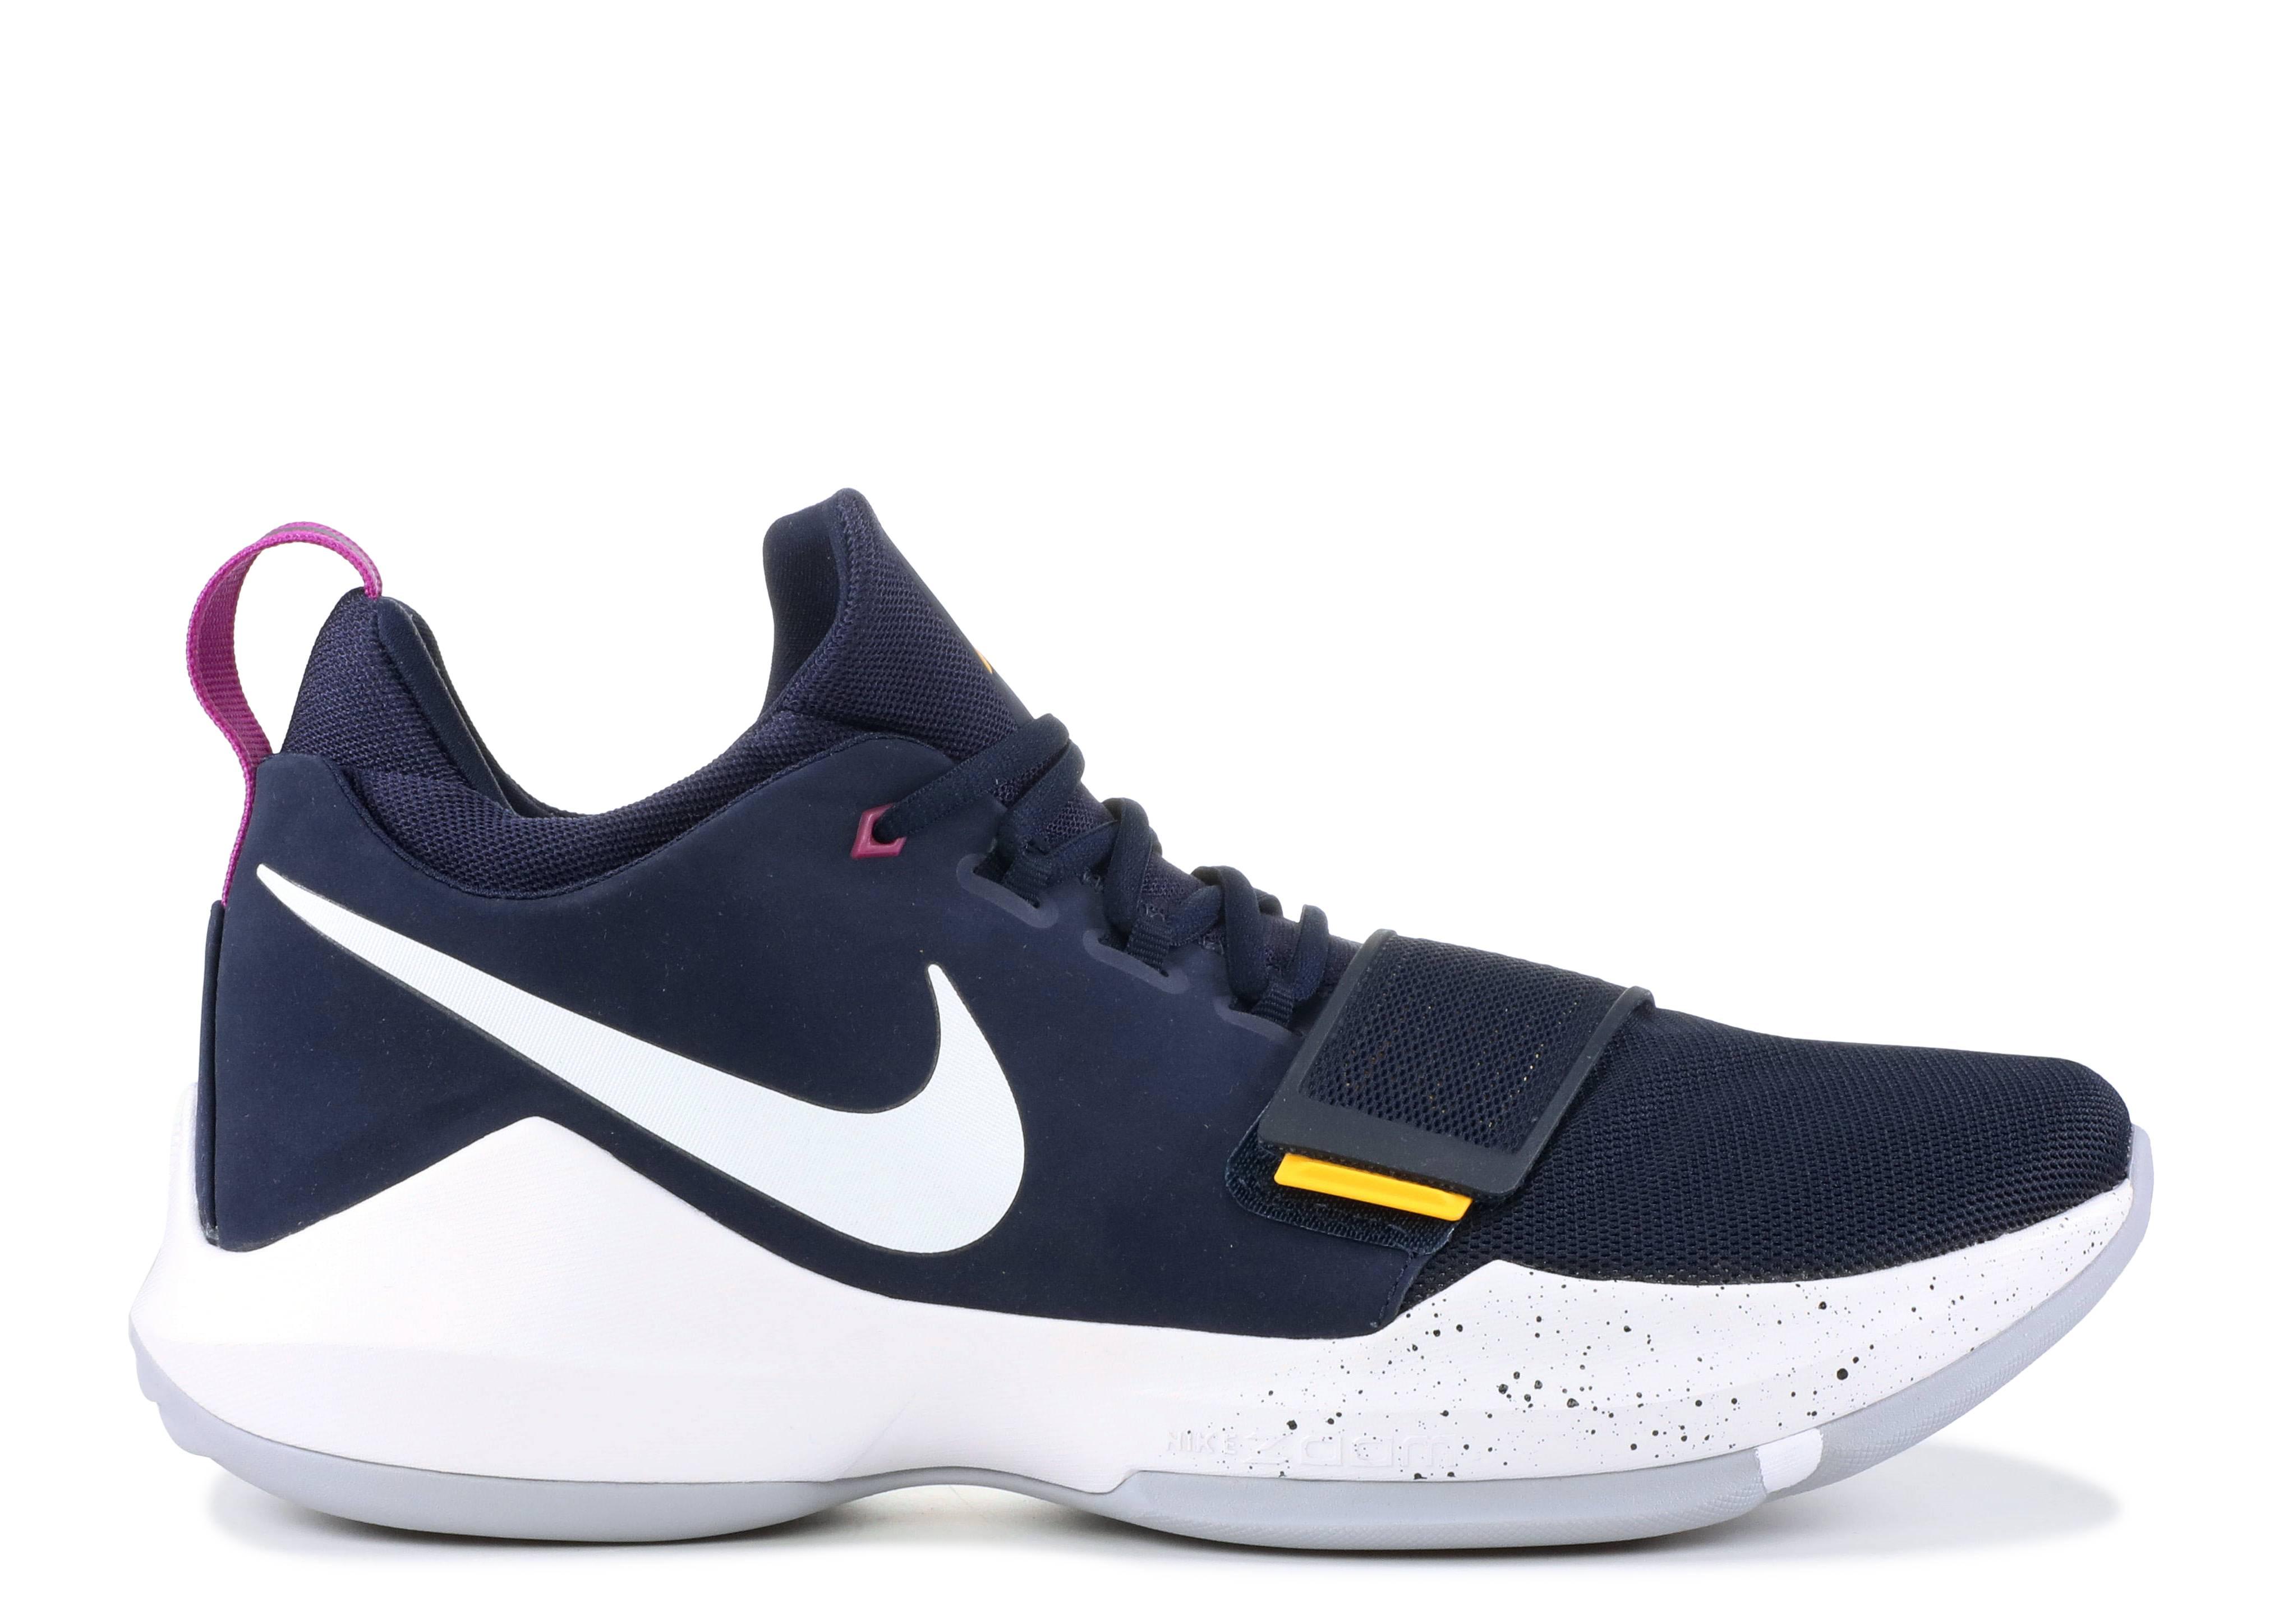 a842efa4578 Paul George - Nike Basketball - Nike